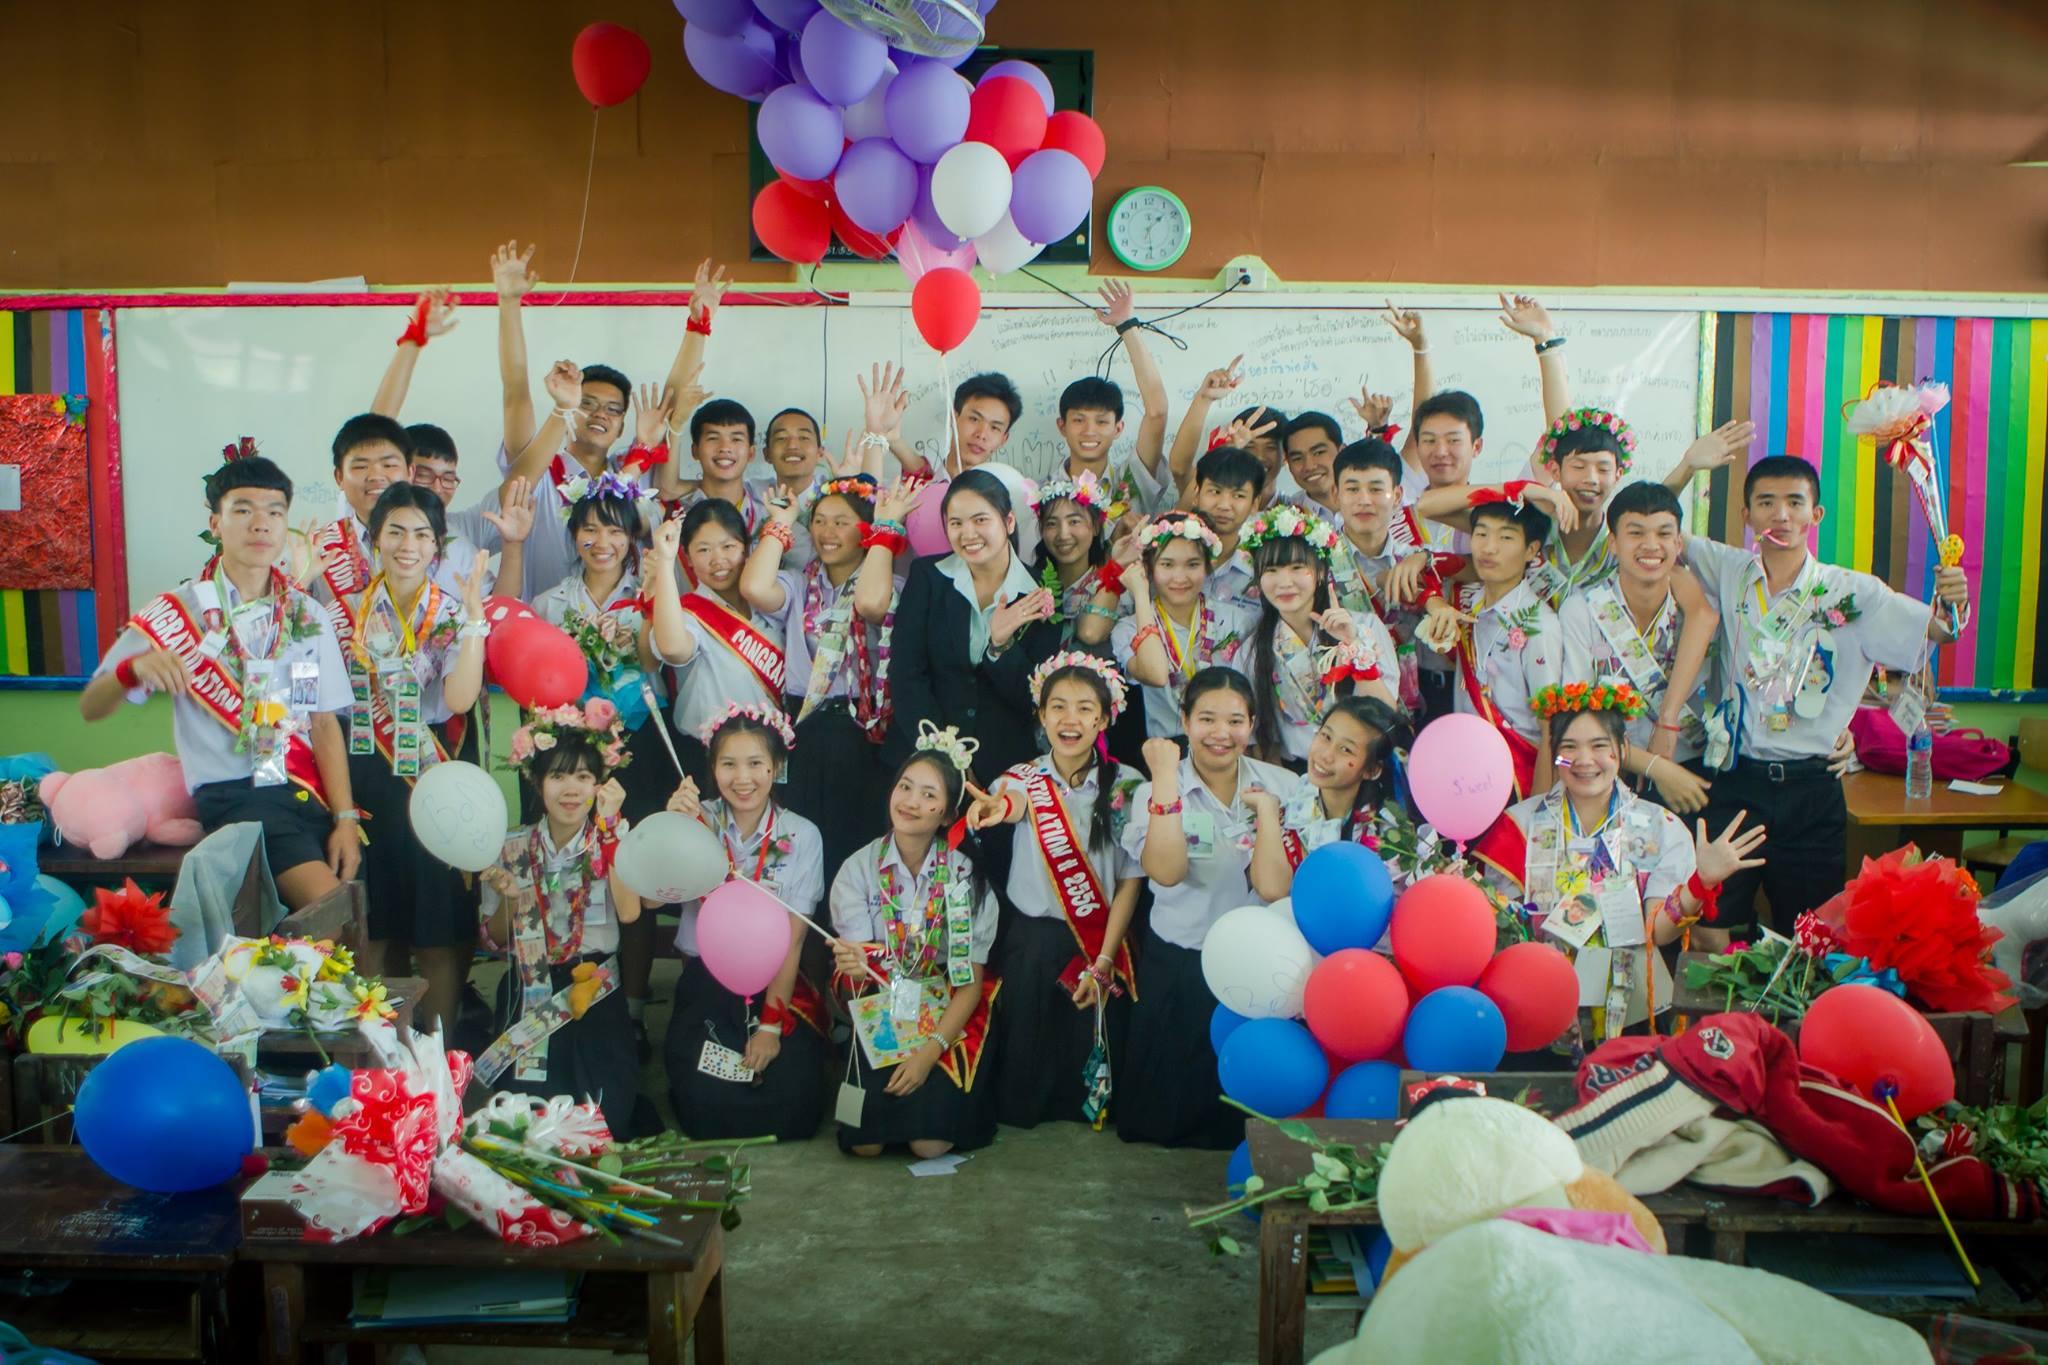 งานปัจฉิมนิเทศ ม.3 และ ม.6 โรงเรียนแม่สายประสิทธิ์ศาสตร์ ปีการศึกษา 2556